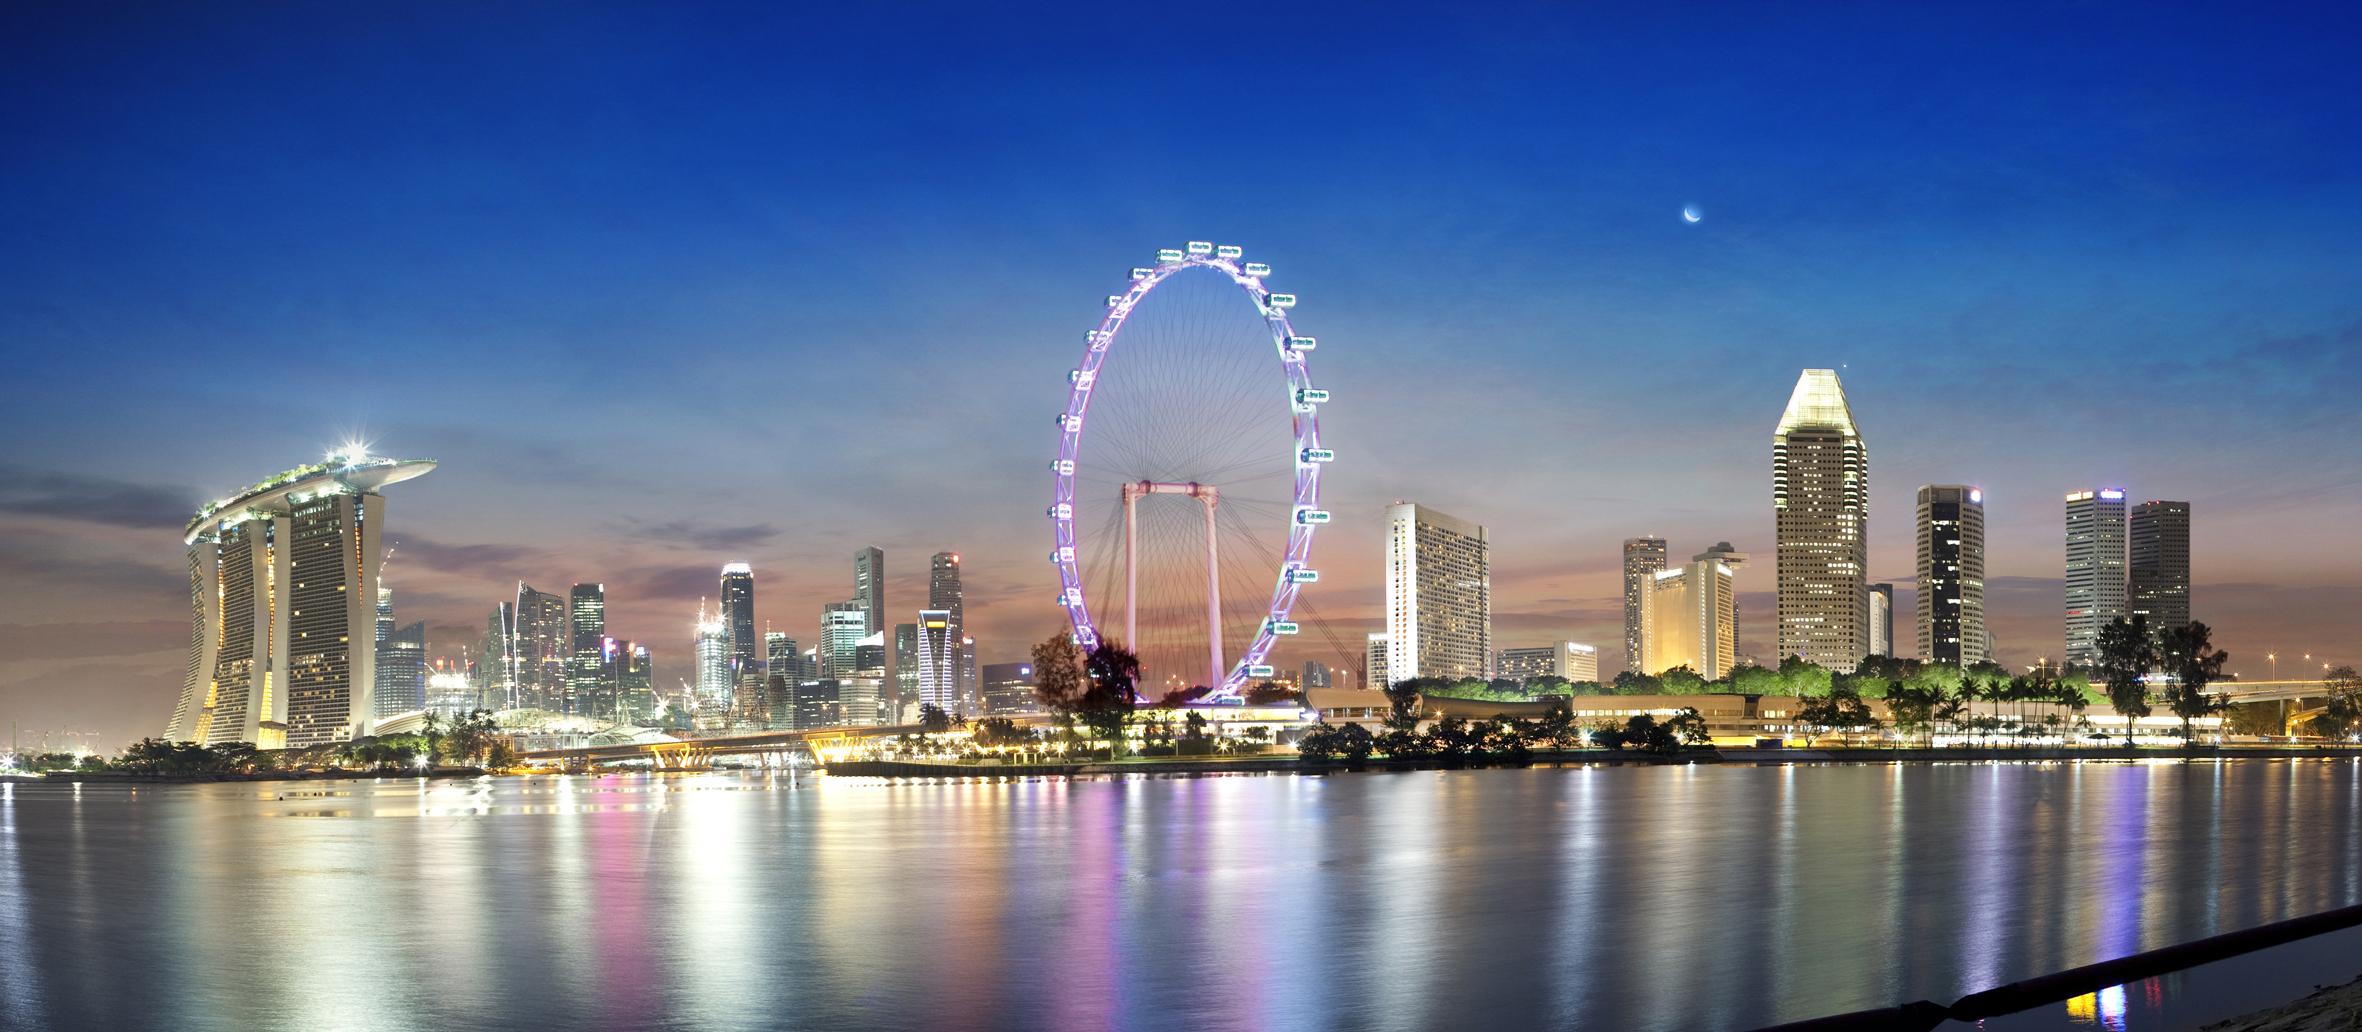 """Колесо обозрения """"Сингапур Флайер"""""""